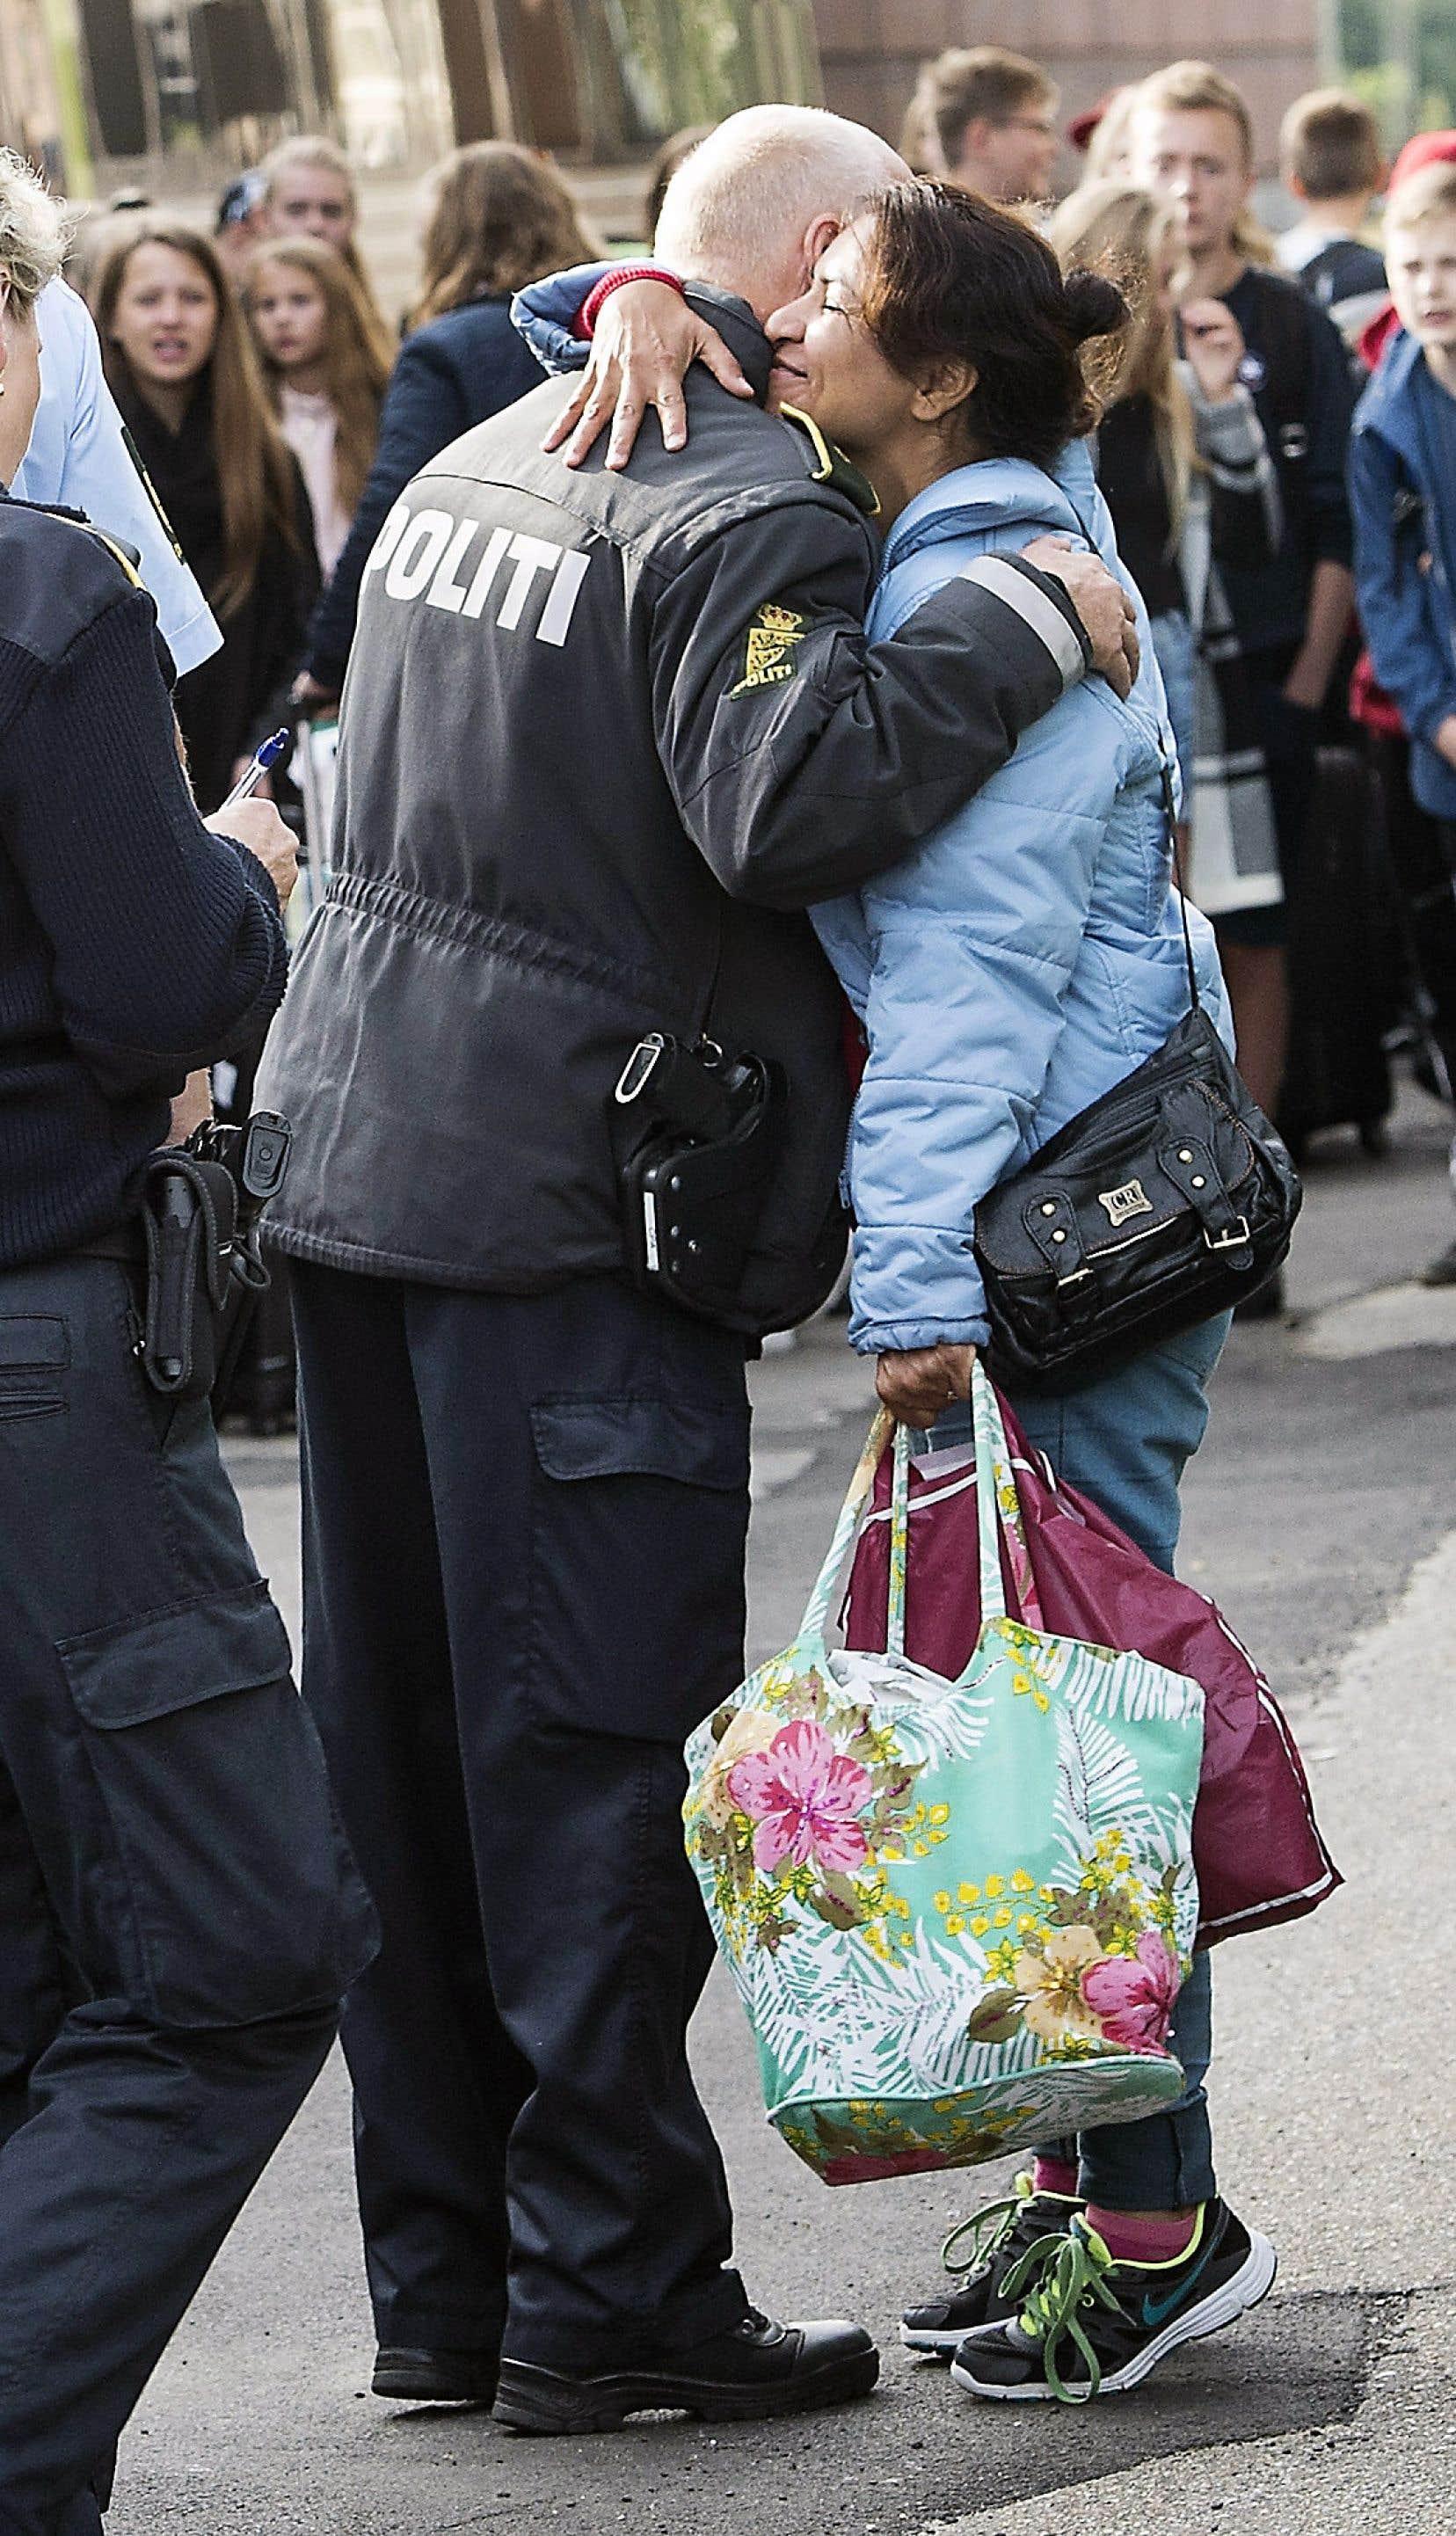 Émue d'être parvenue à la fin de son périple, une demandeuse d'asile arrivée d'Irak ou de Syrie a enlacé un policier danois à sa descente du train, à Copenhague, en septembre 2015.